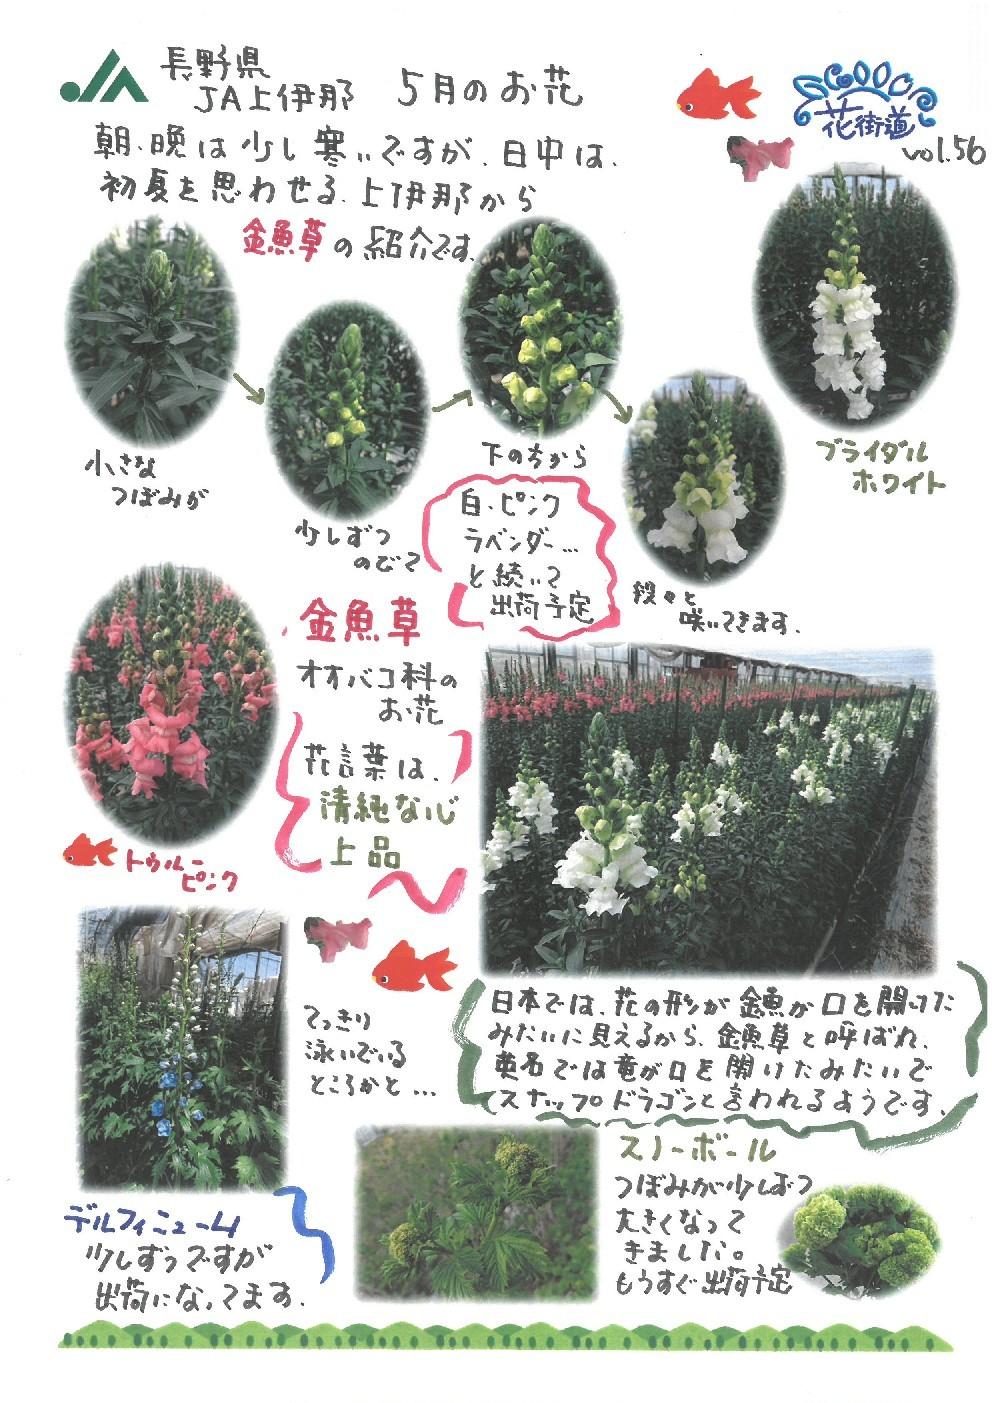 切り花、花木紹介ポップ  vol,56_d0062298_18452854.jpg